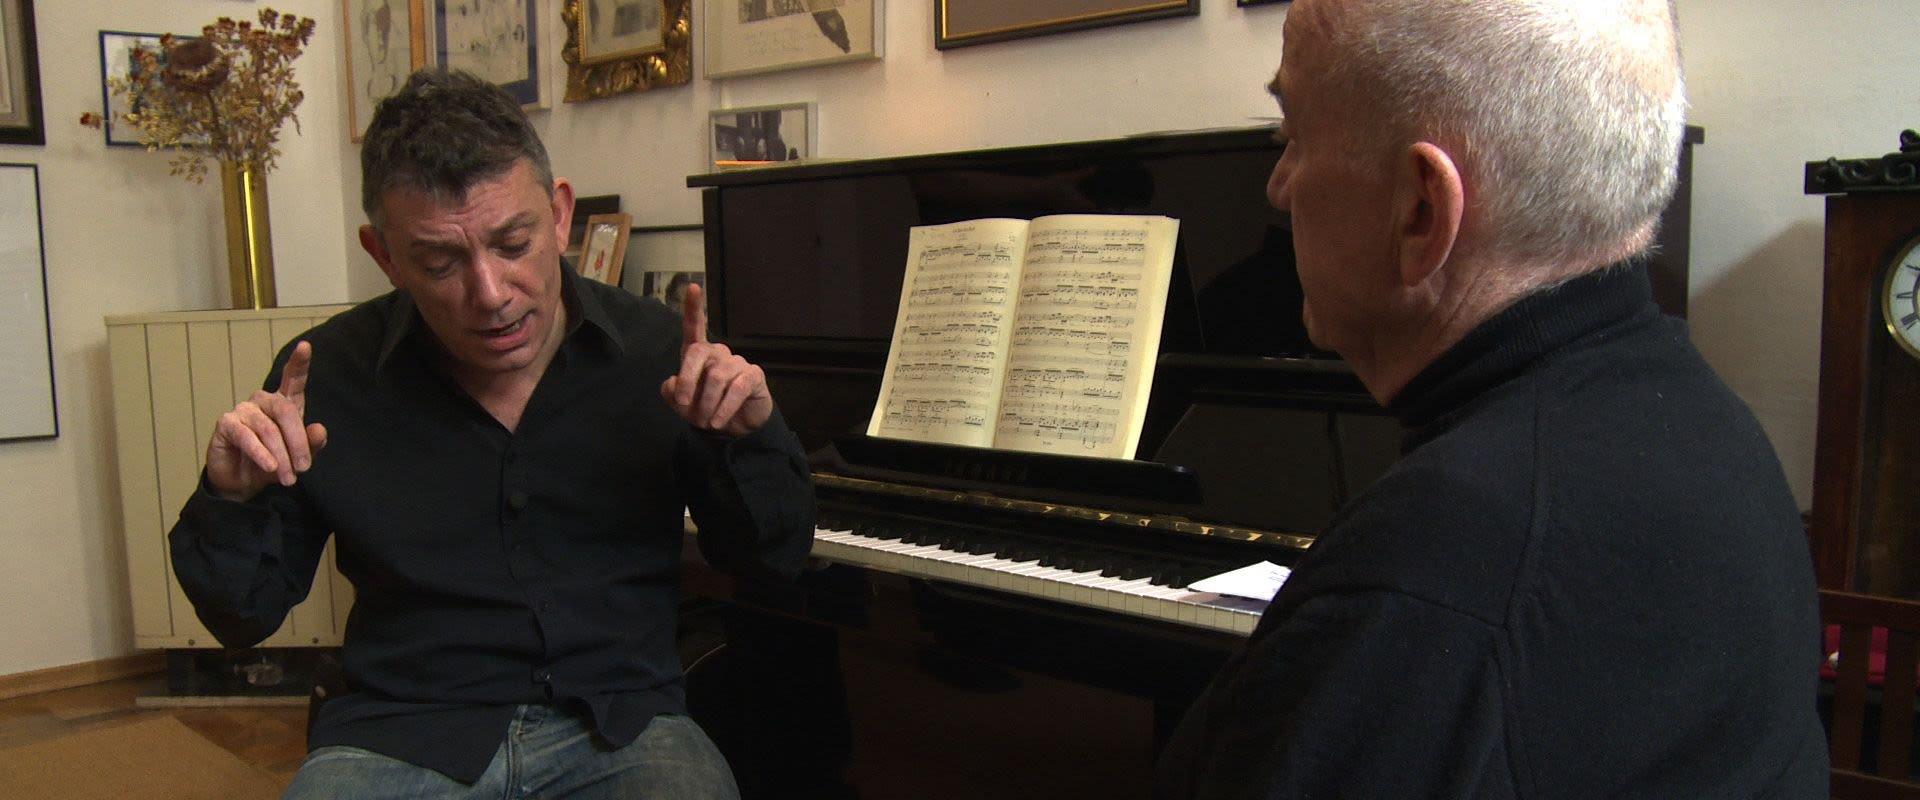 Schubert und ich